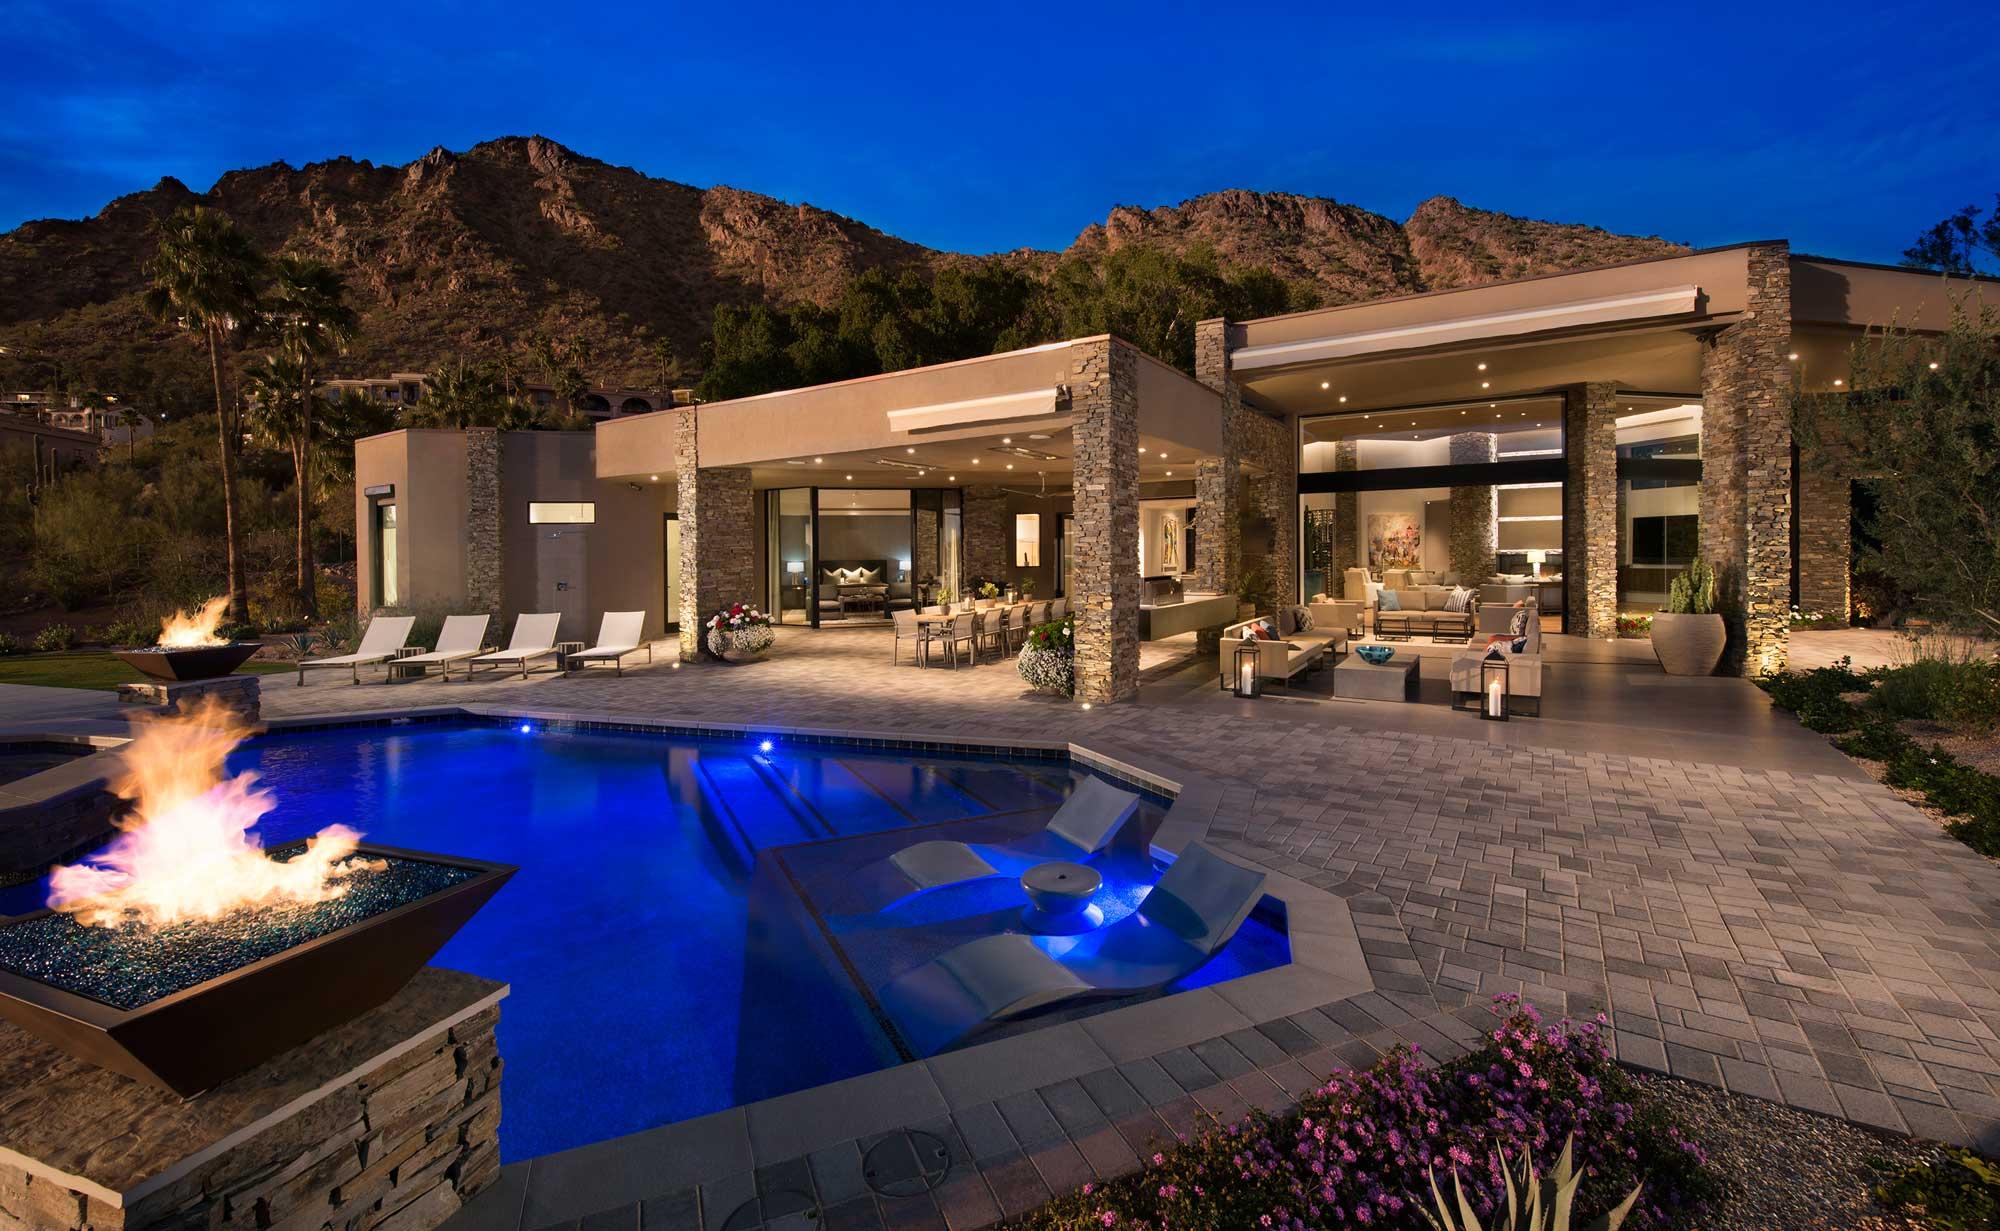 Designing For The Desert: 5 Tips To Match Arid Surroundings